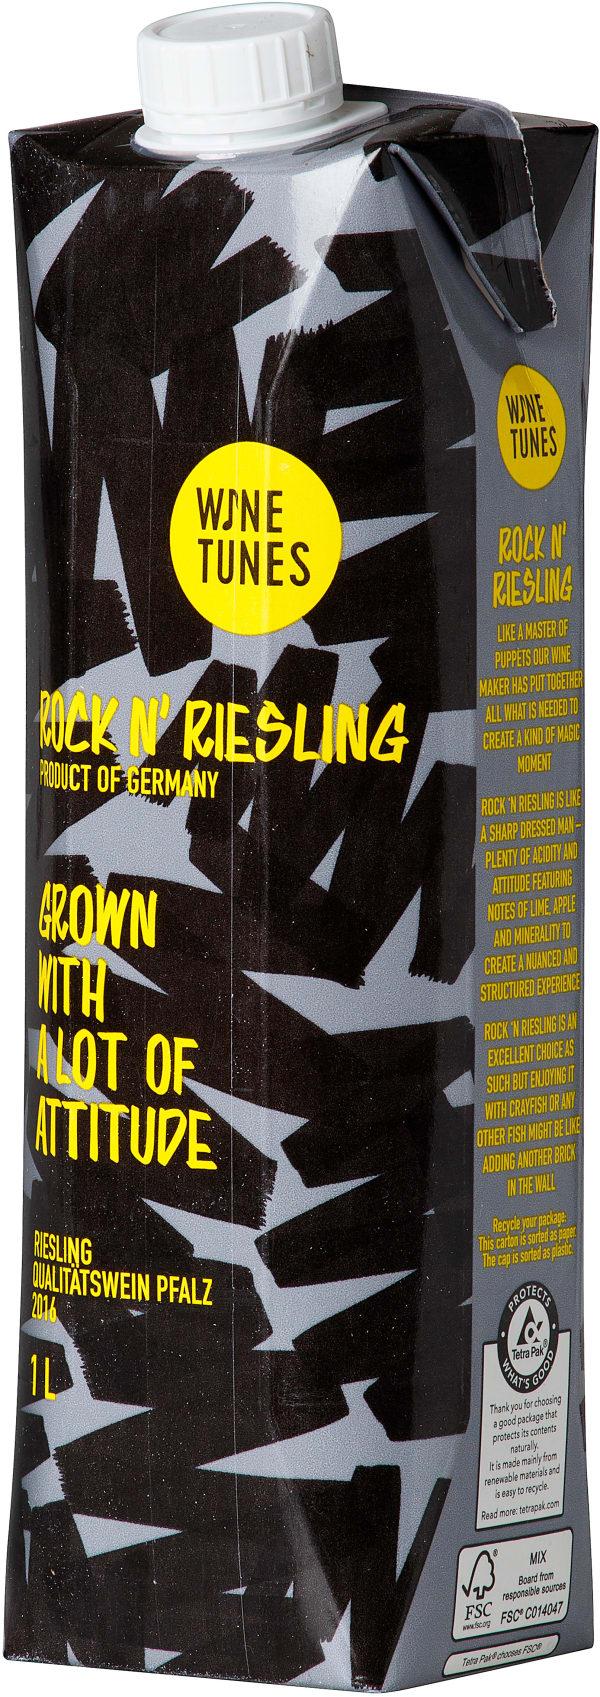 Wine Tunes Rock'n Riesling 2018 kartongförpackning